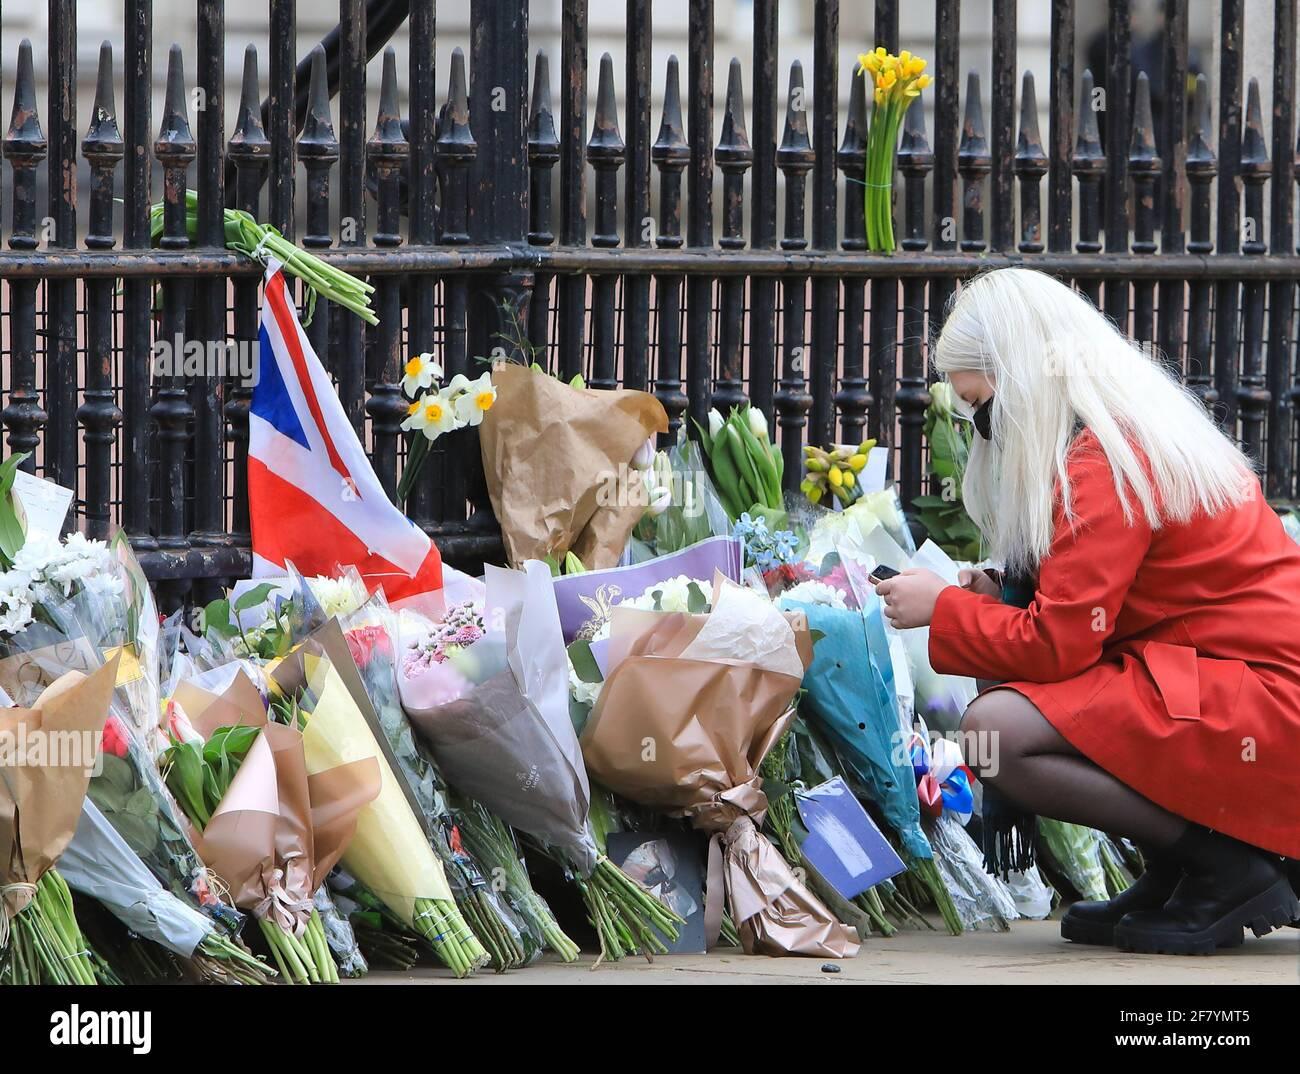 Londres, Reino Unido, abril de 10th 2021. La gente hizo cola para poner flores y rendir sus respetos fuera del Palacio de Buckingham en homenaje al Príncipe Felipe de la HRH, que murió el viernes a la edad de 99 años, a sólo 2 meses de su cumpleaños de 100th. Monica Wells/Alamy Live News Foto de stock